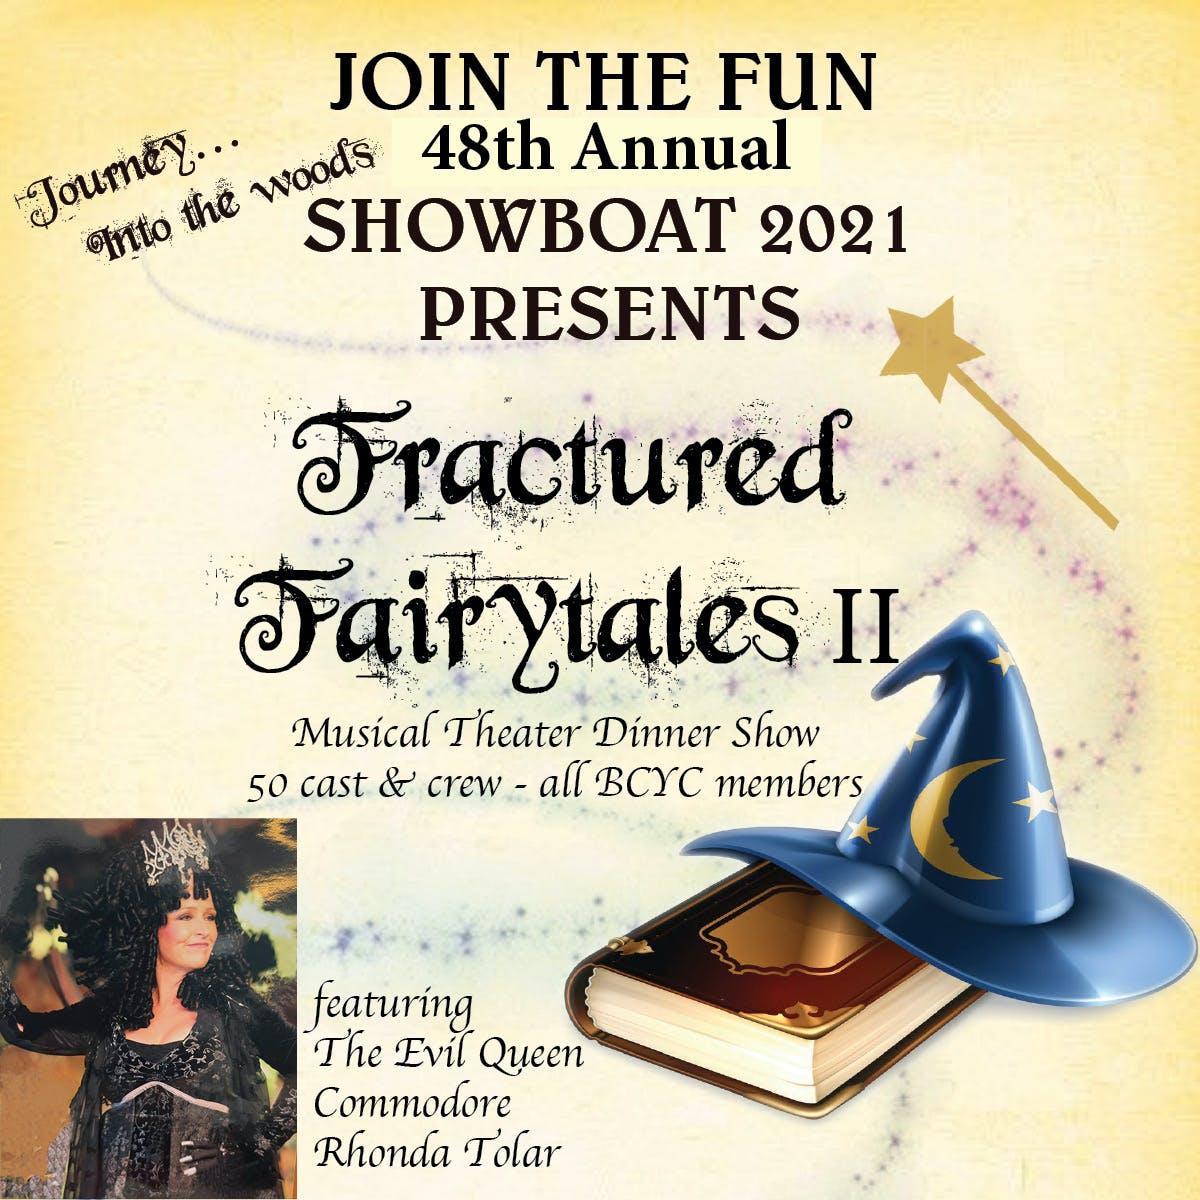 Showboat 2021 Presents